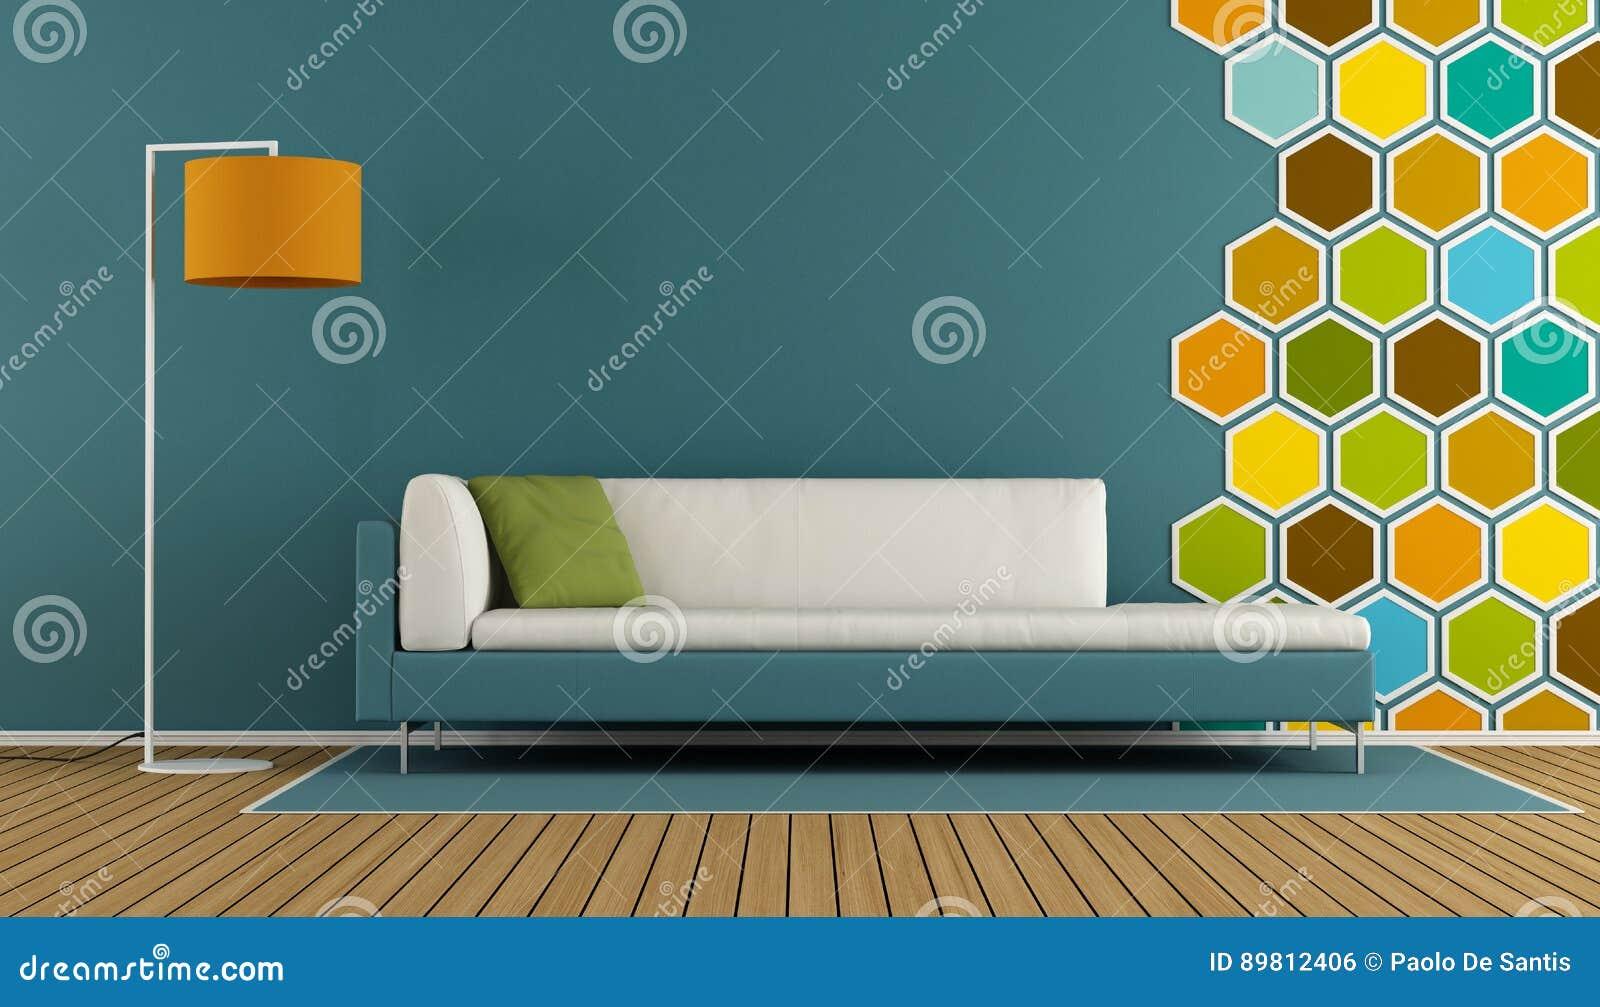 Blauwe Woonkamer Met Hexagon Decoratie Stock Illustratie ...